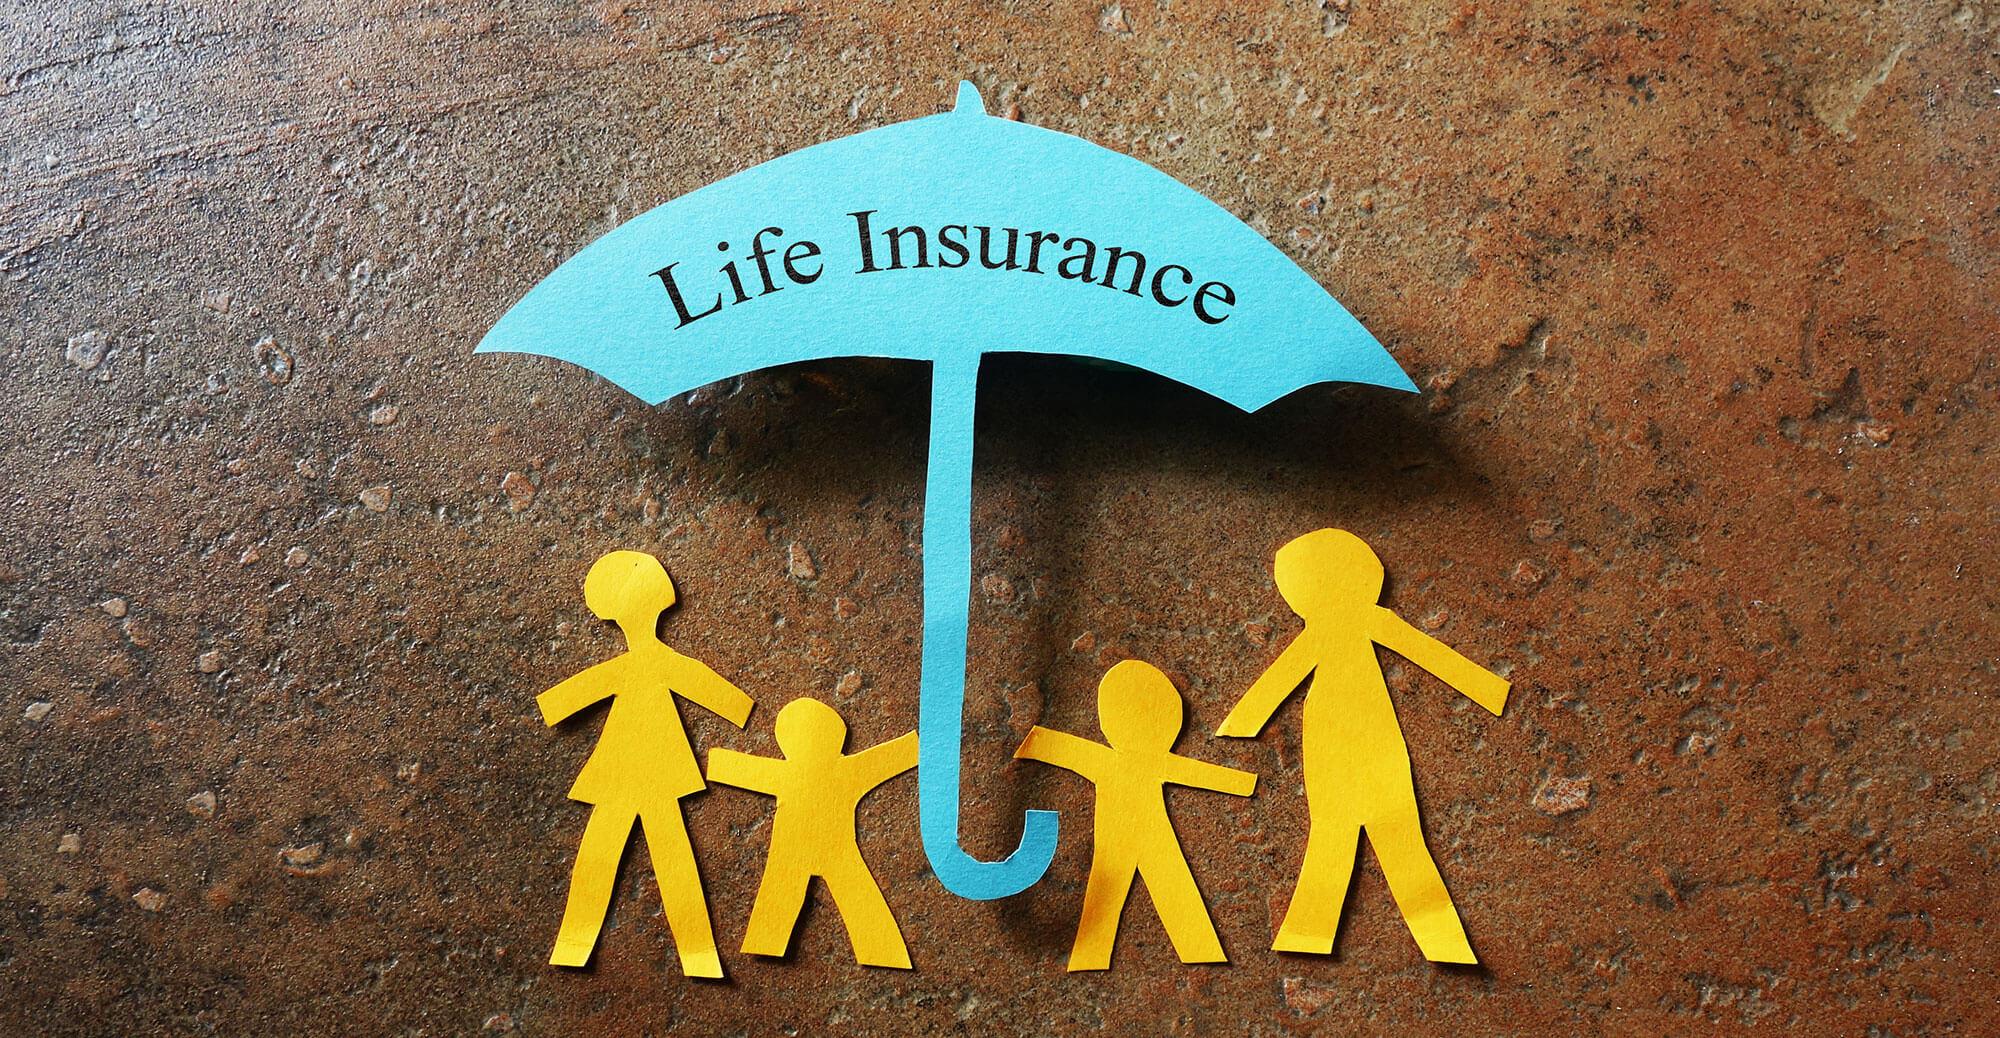 Life Insurance: Where do I Start?